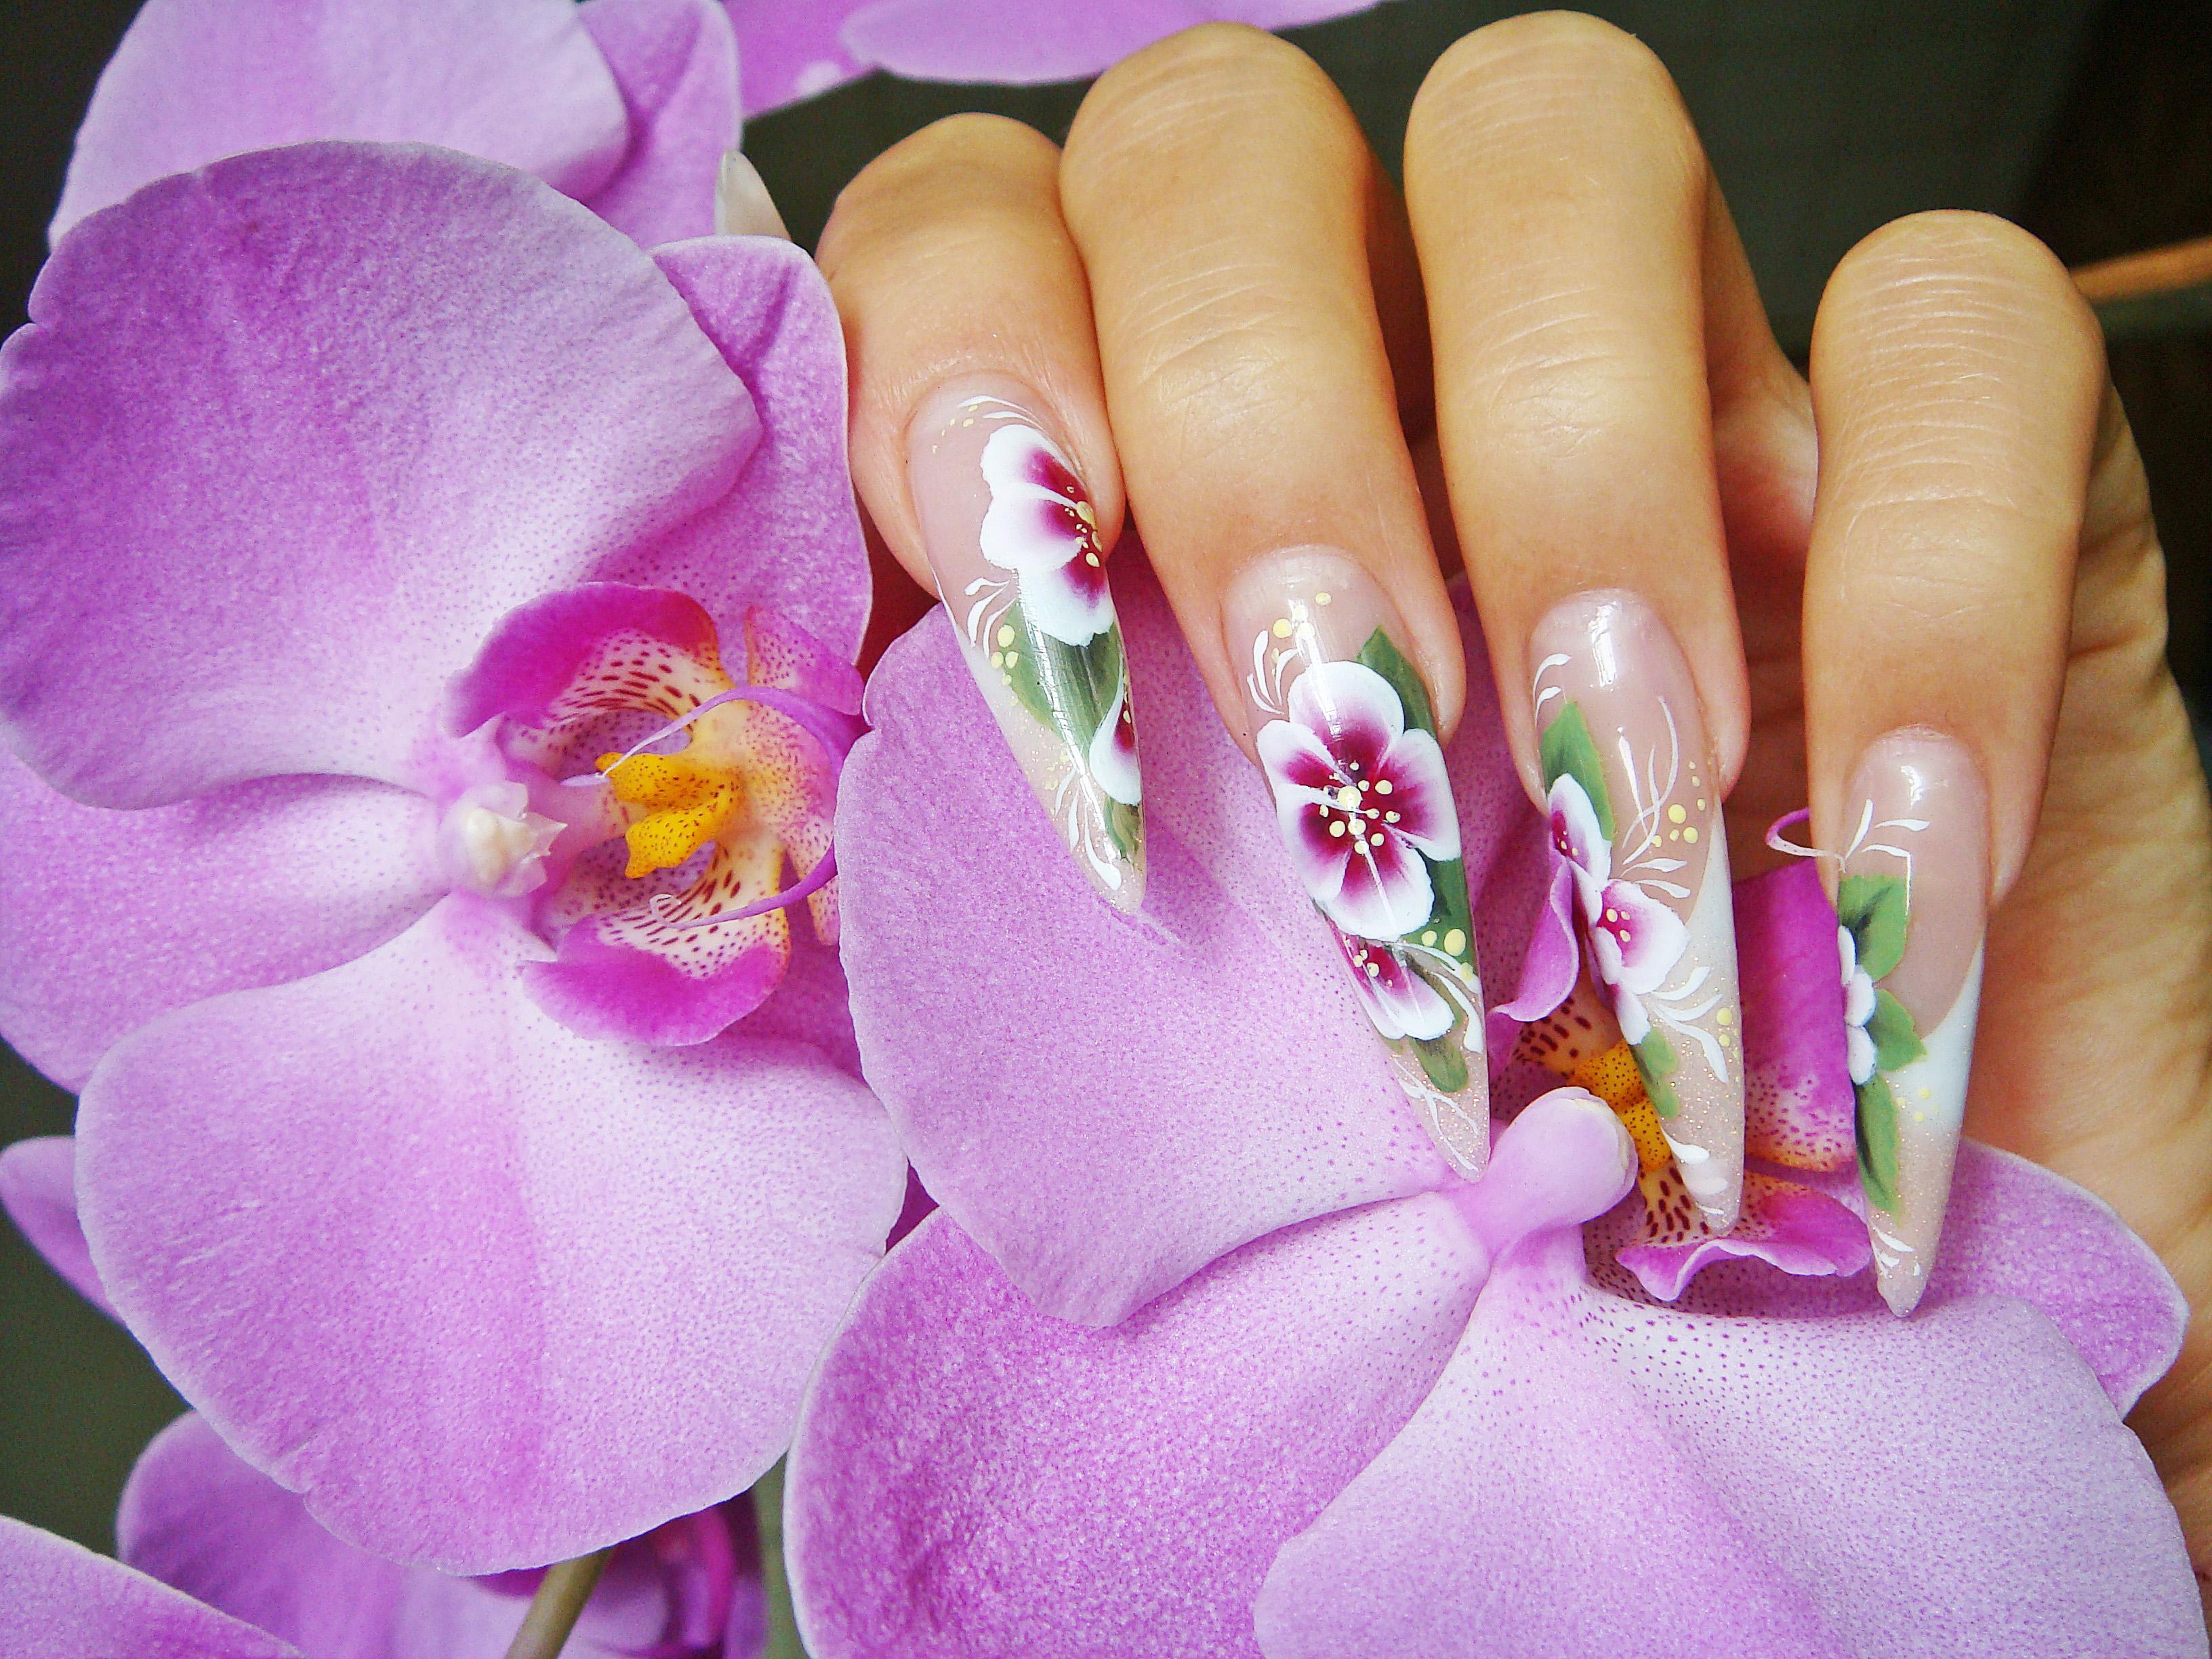 наращиванеи ногтей Киев цветы лето